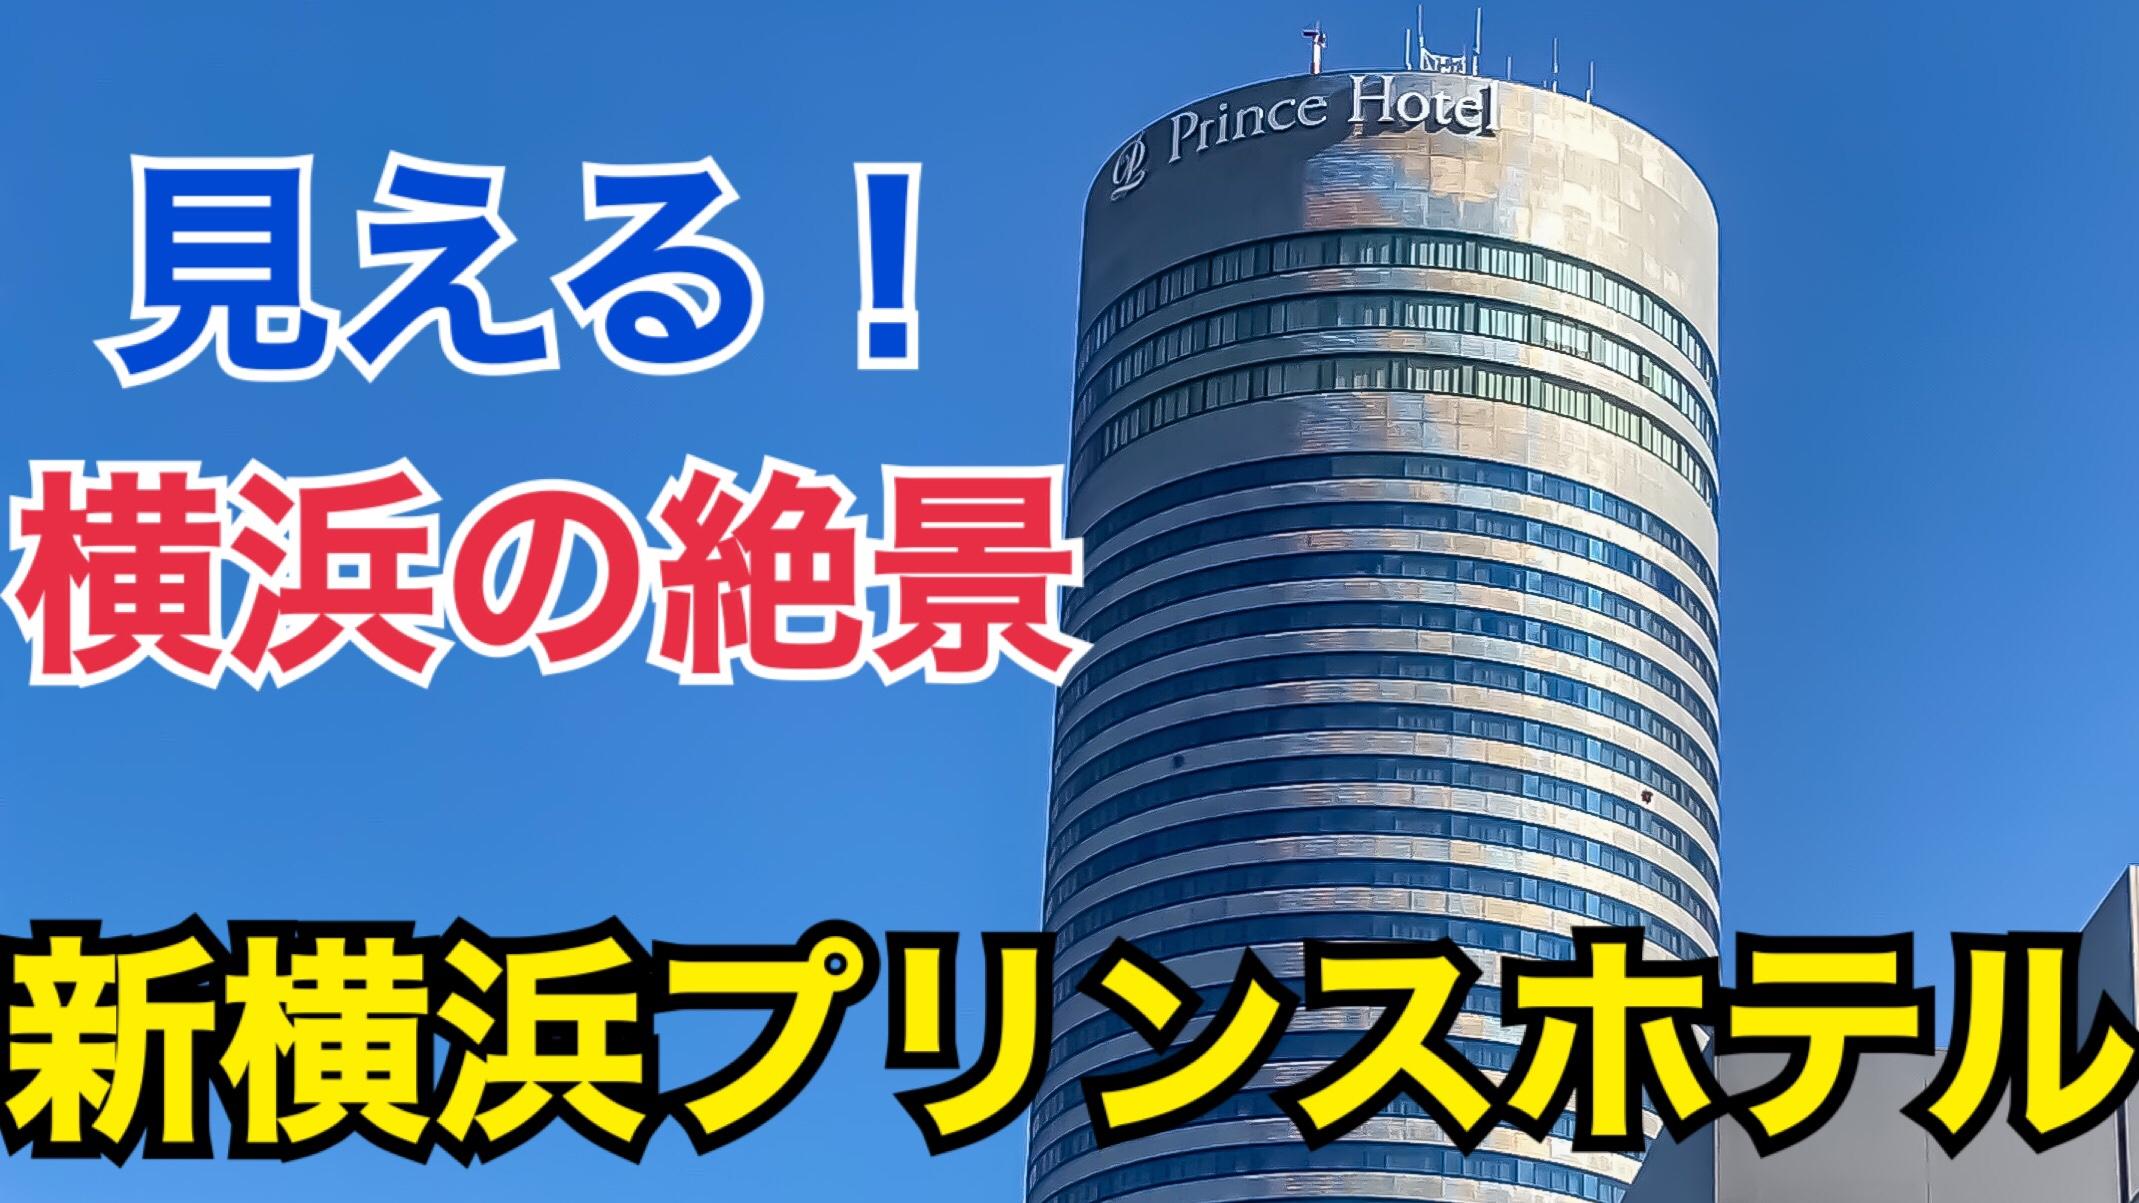 新横浜プリンスホテルをデイユース!横浜の絶景を望める部屋は最高!【新横浜プリンスホテル】